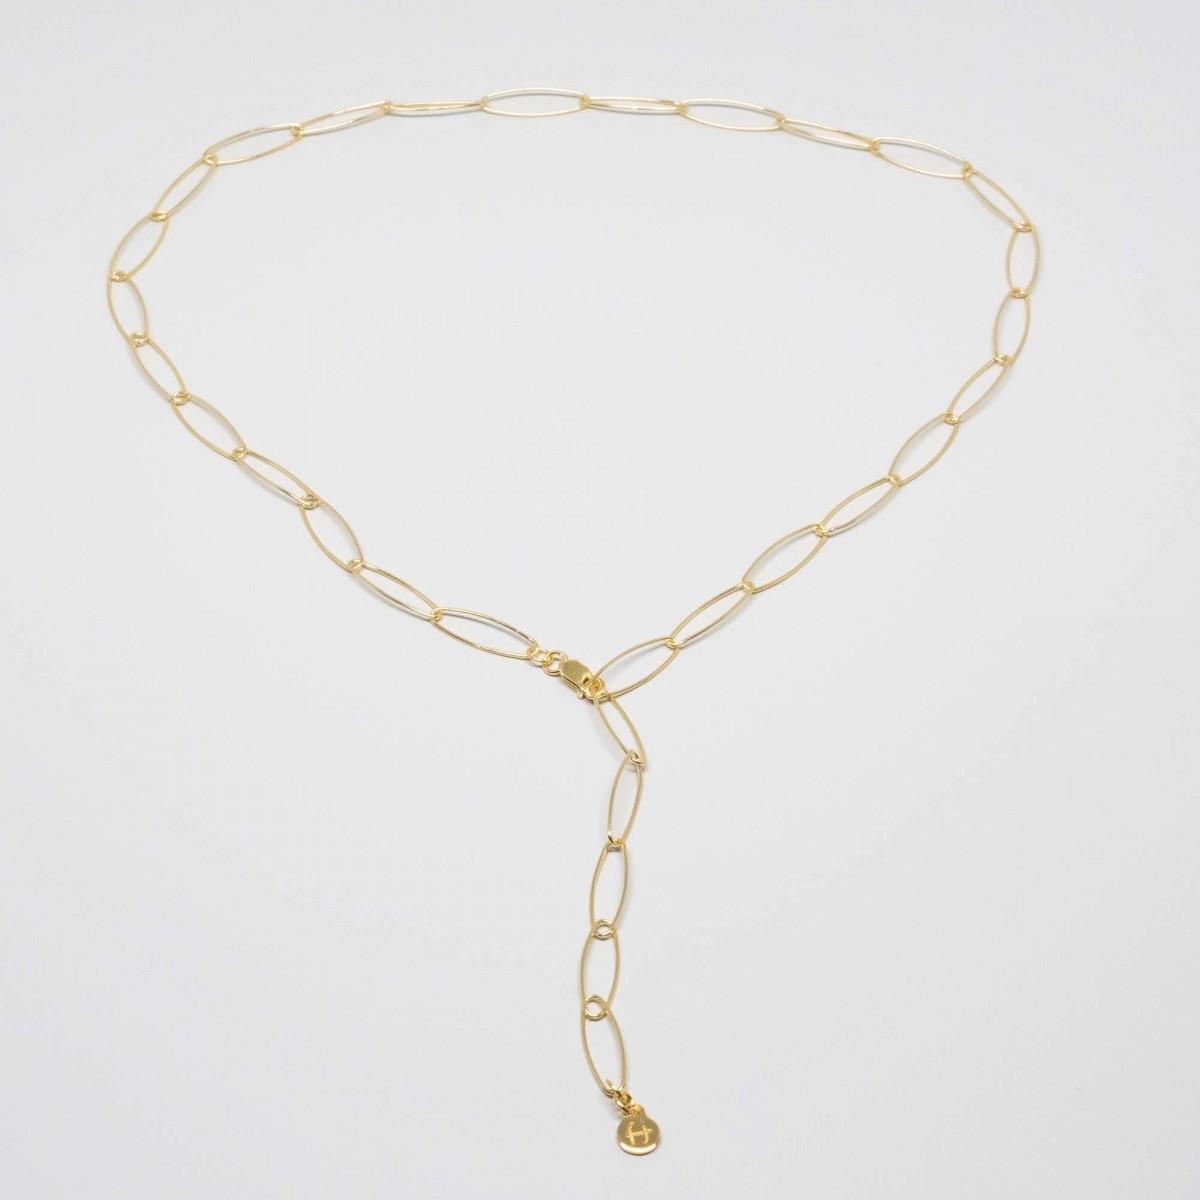 fejn jewelry - Chain Necklace